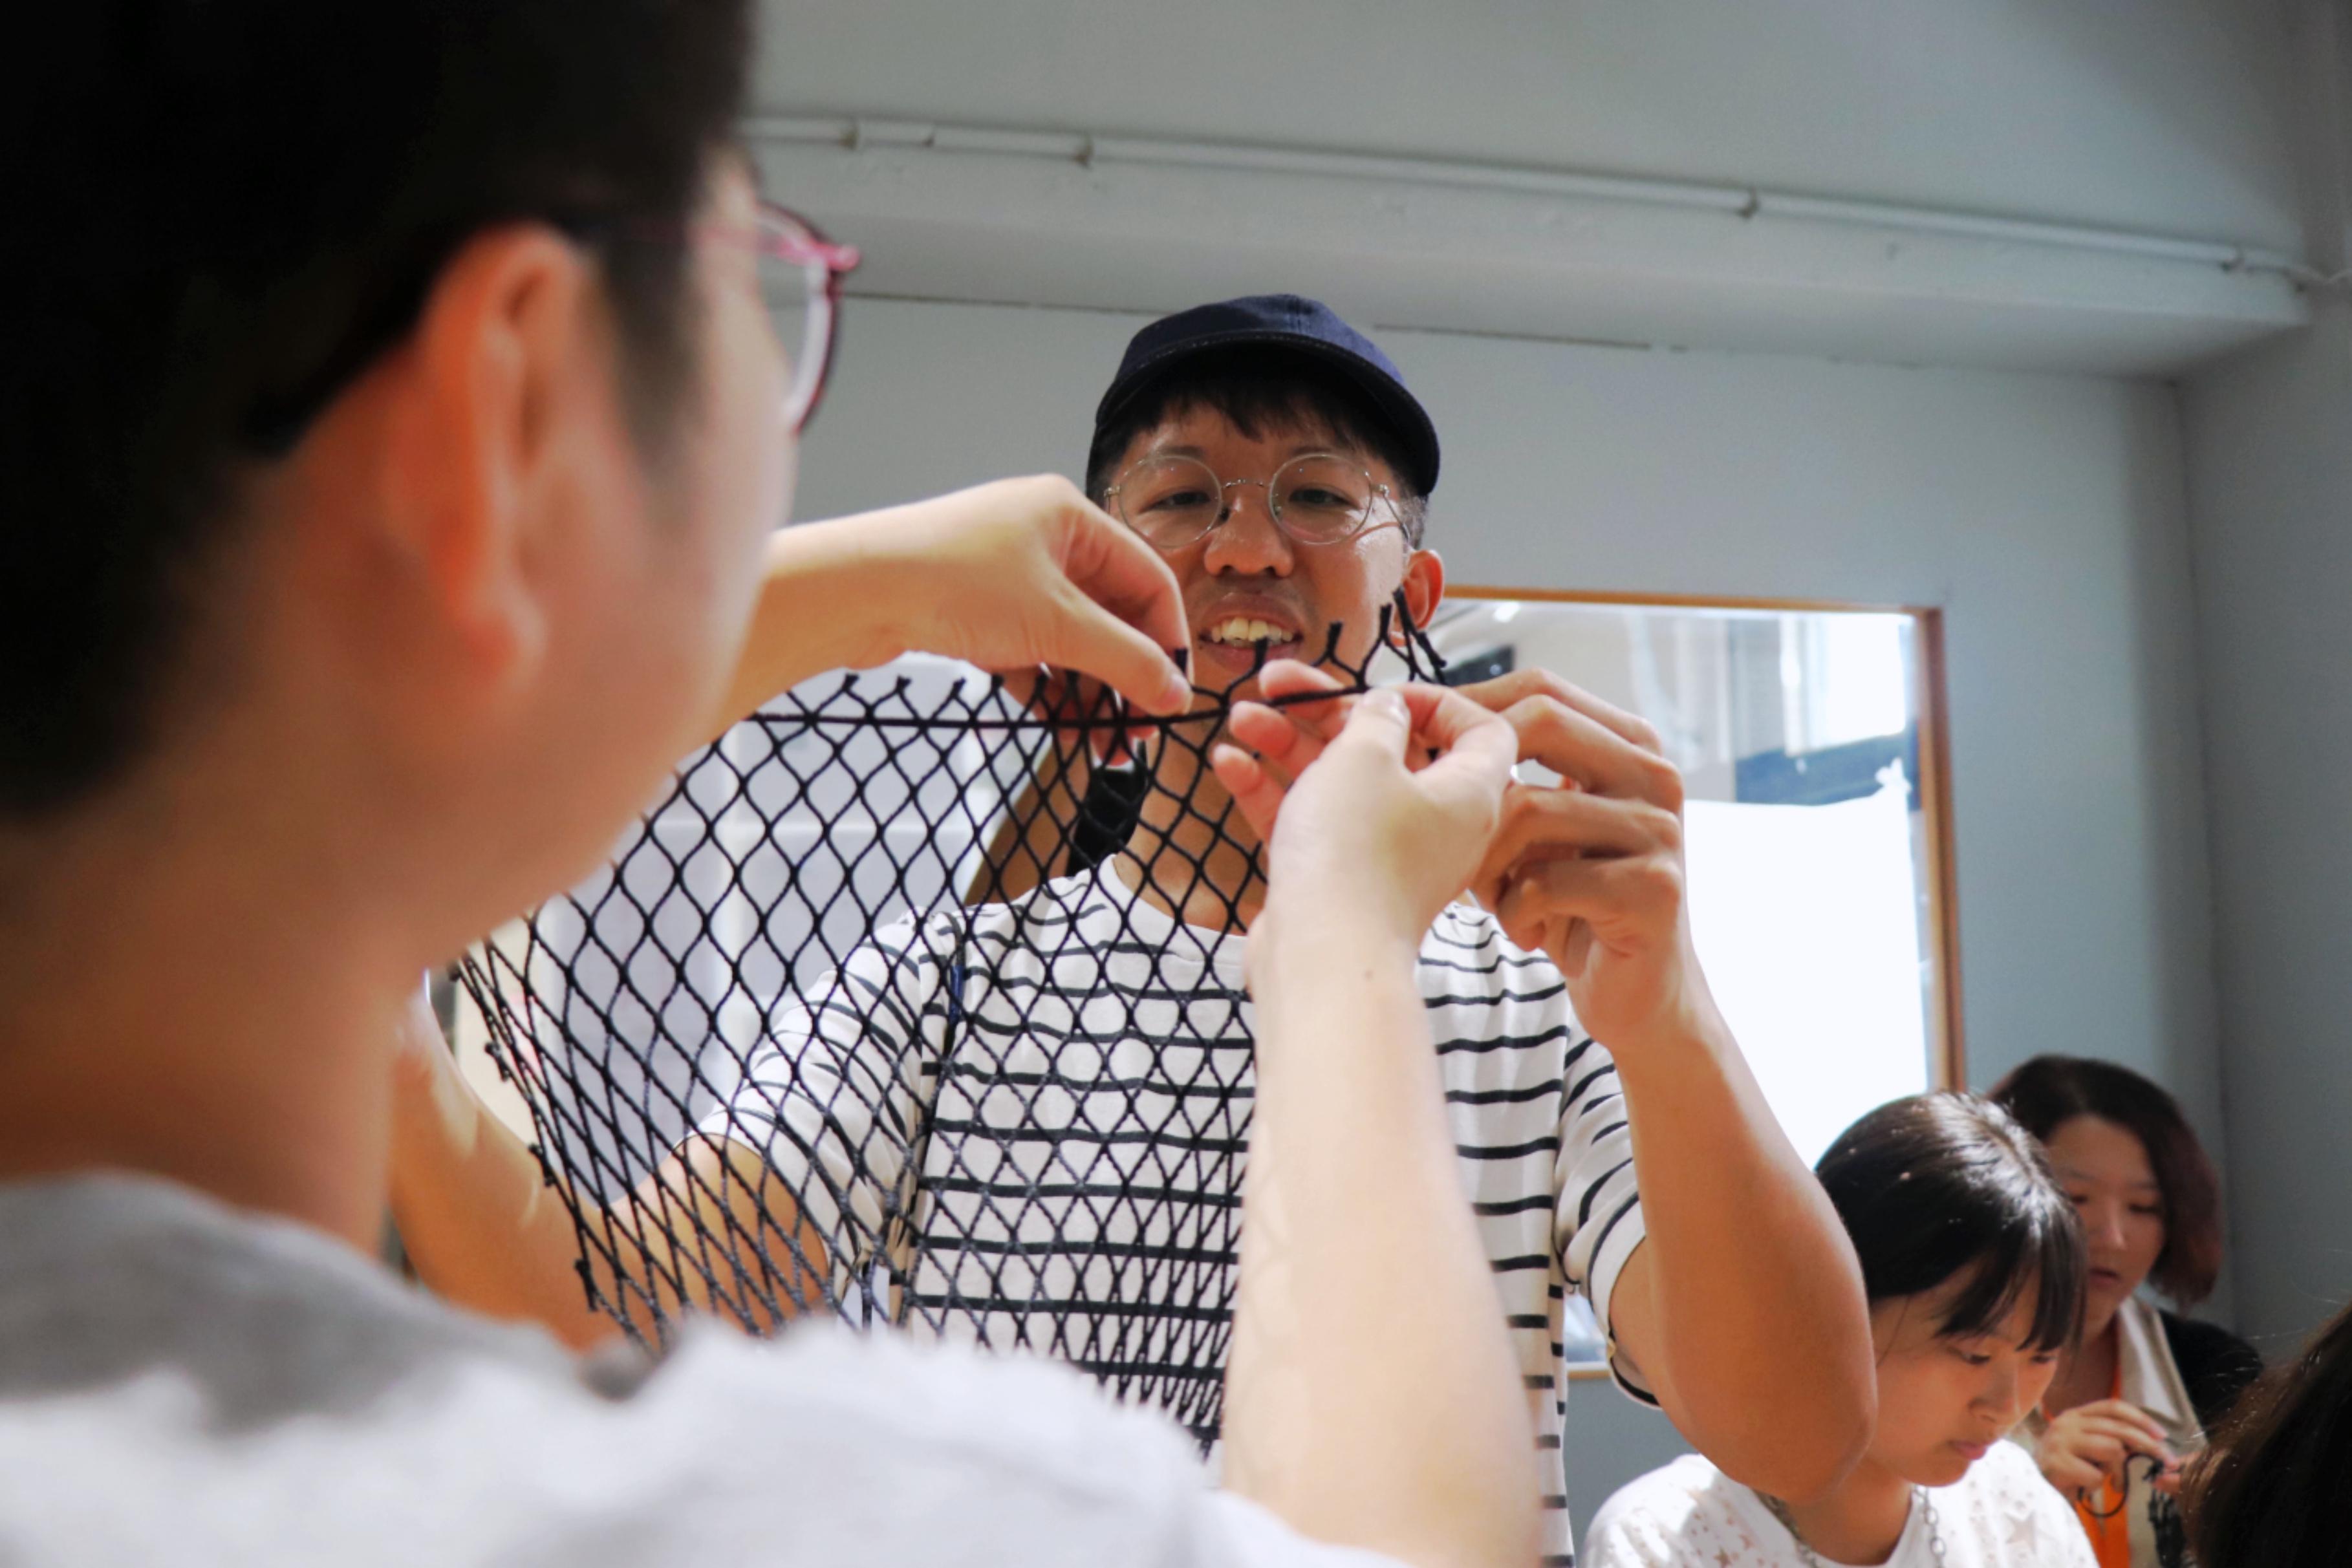 圖四:星濱山發起人林書豪示範如何製作漁網飲料袋,讓Dreamer學員實際體驗藝術共創的內涵。(攝/萬巧蓉)